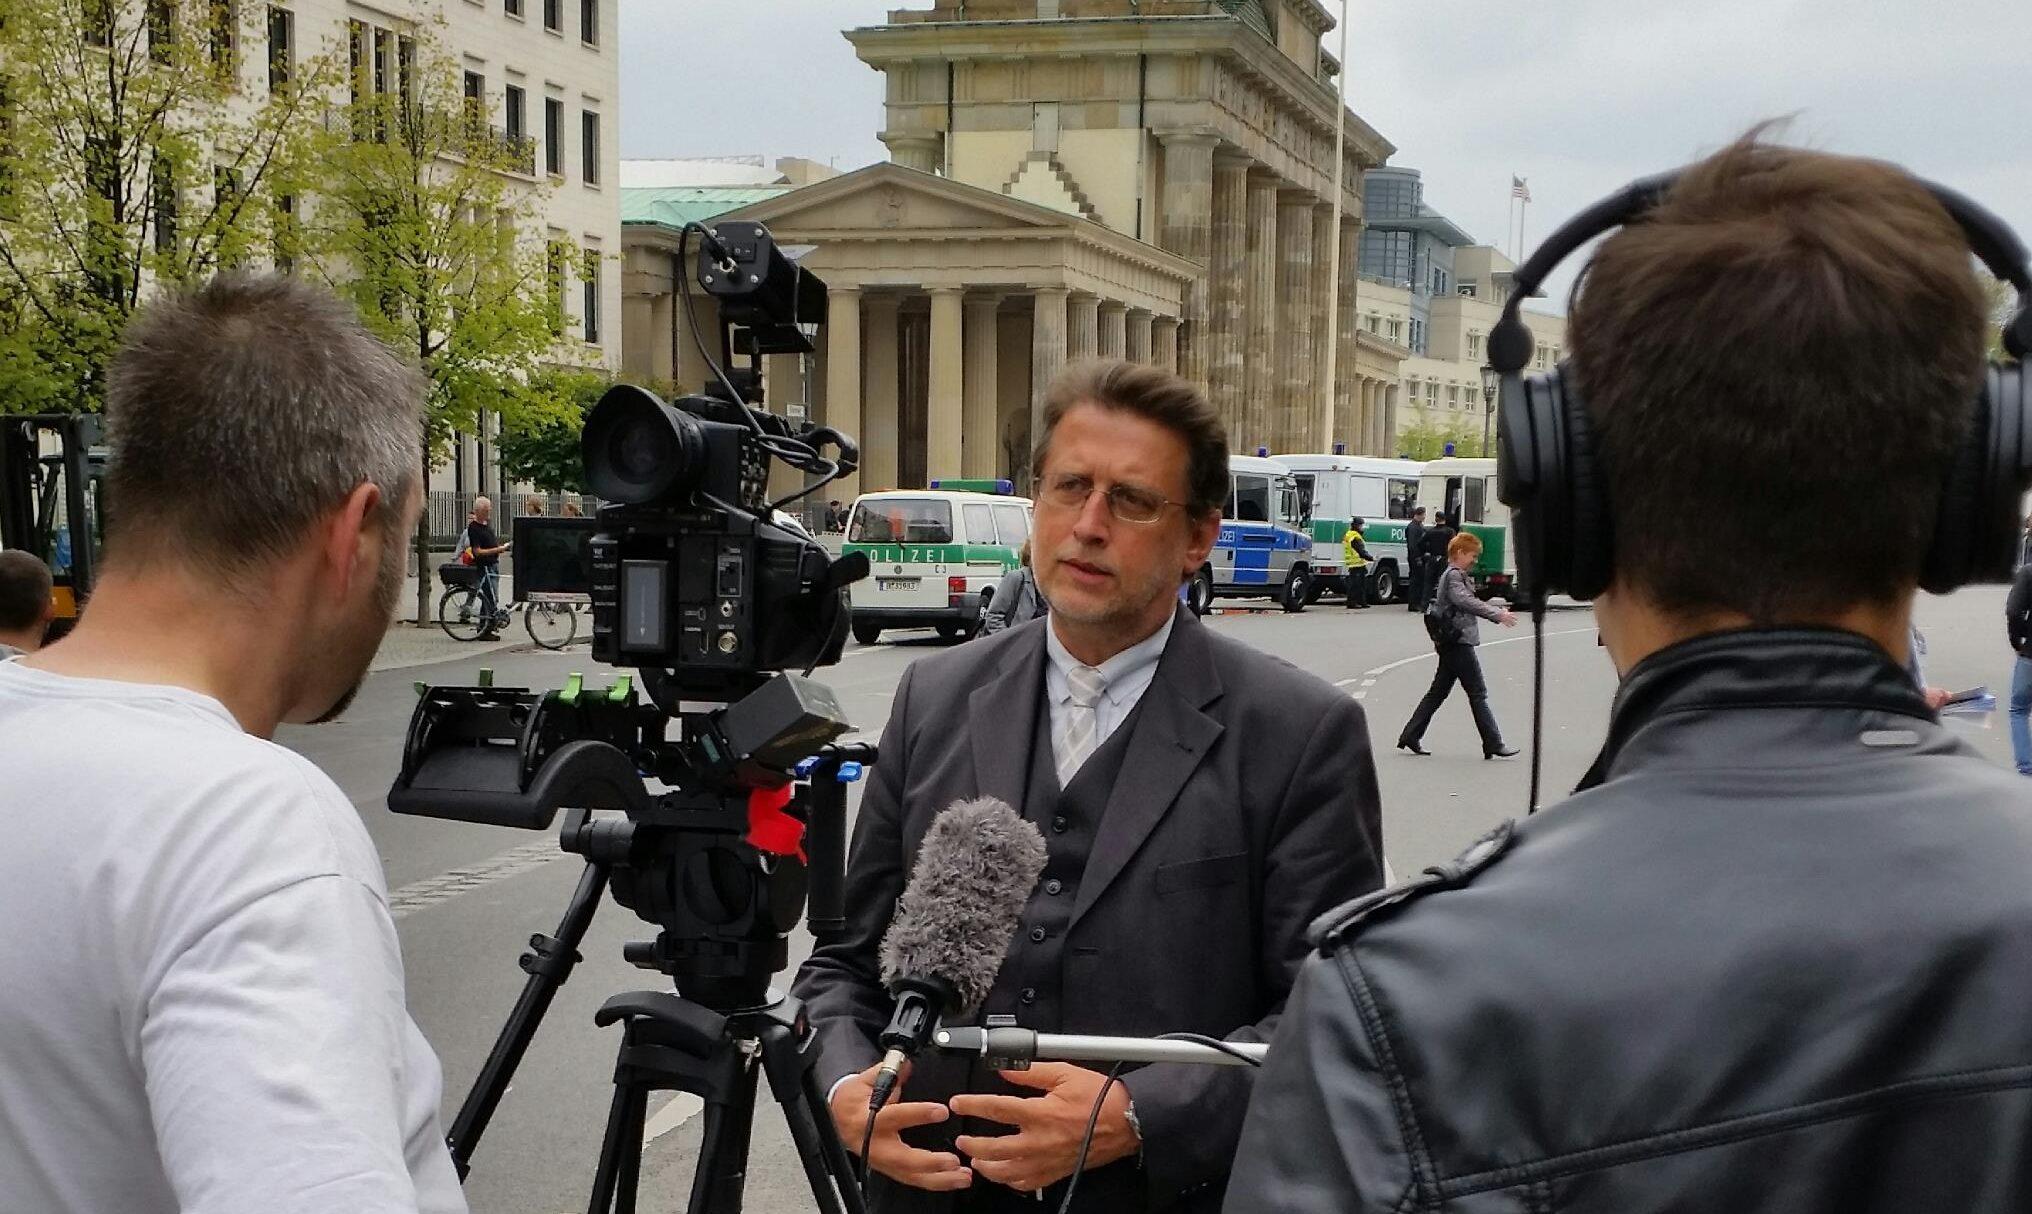 Harald Eckert, 1. Vorsitzender der Initiative 27. Januar, vor der Kundgebung gegen Judenfeindschaft am 14.09.2014 vor dem Brandenburger Tor in Berlin